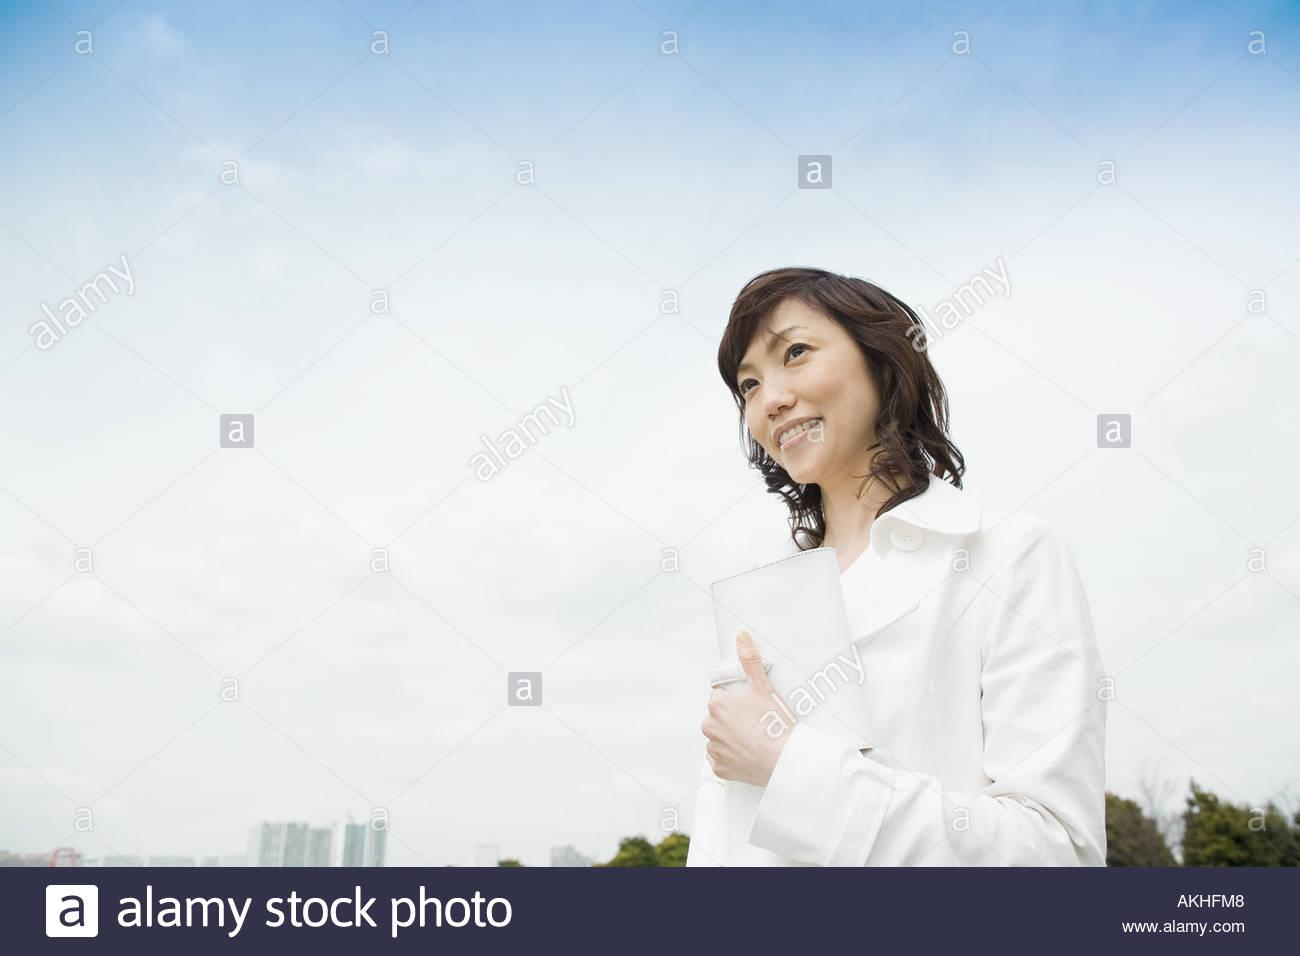 Stylish woman - Stock Image